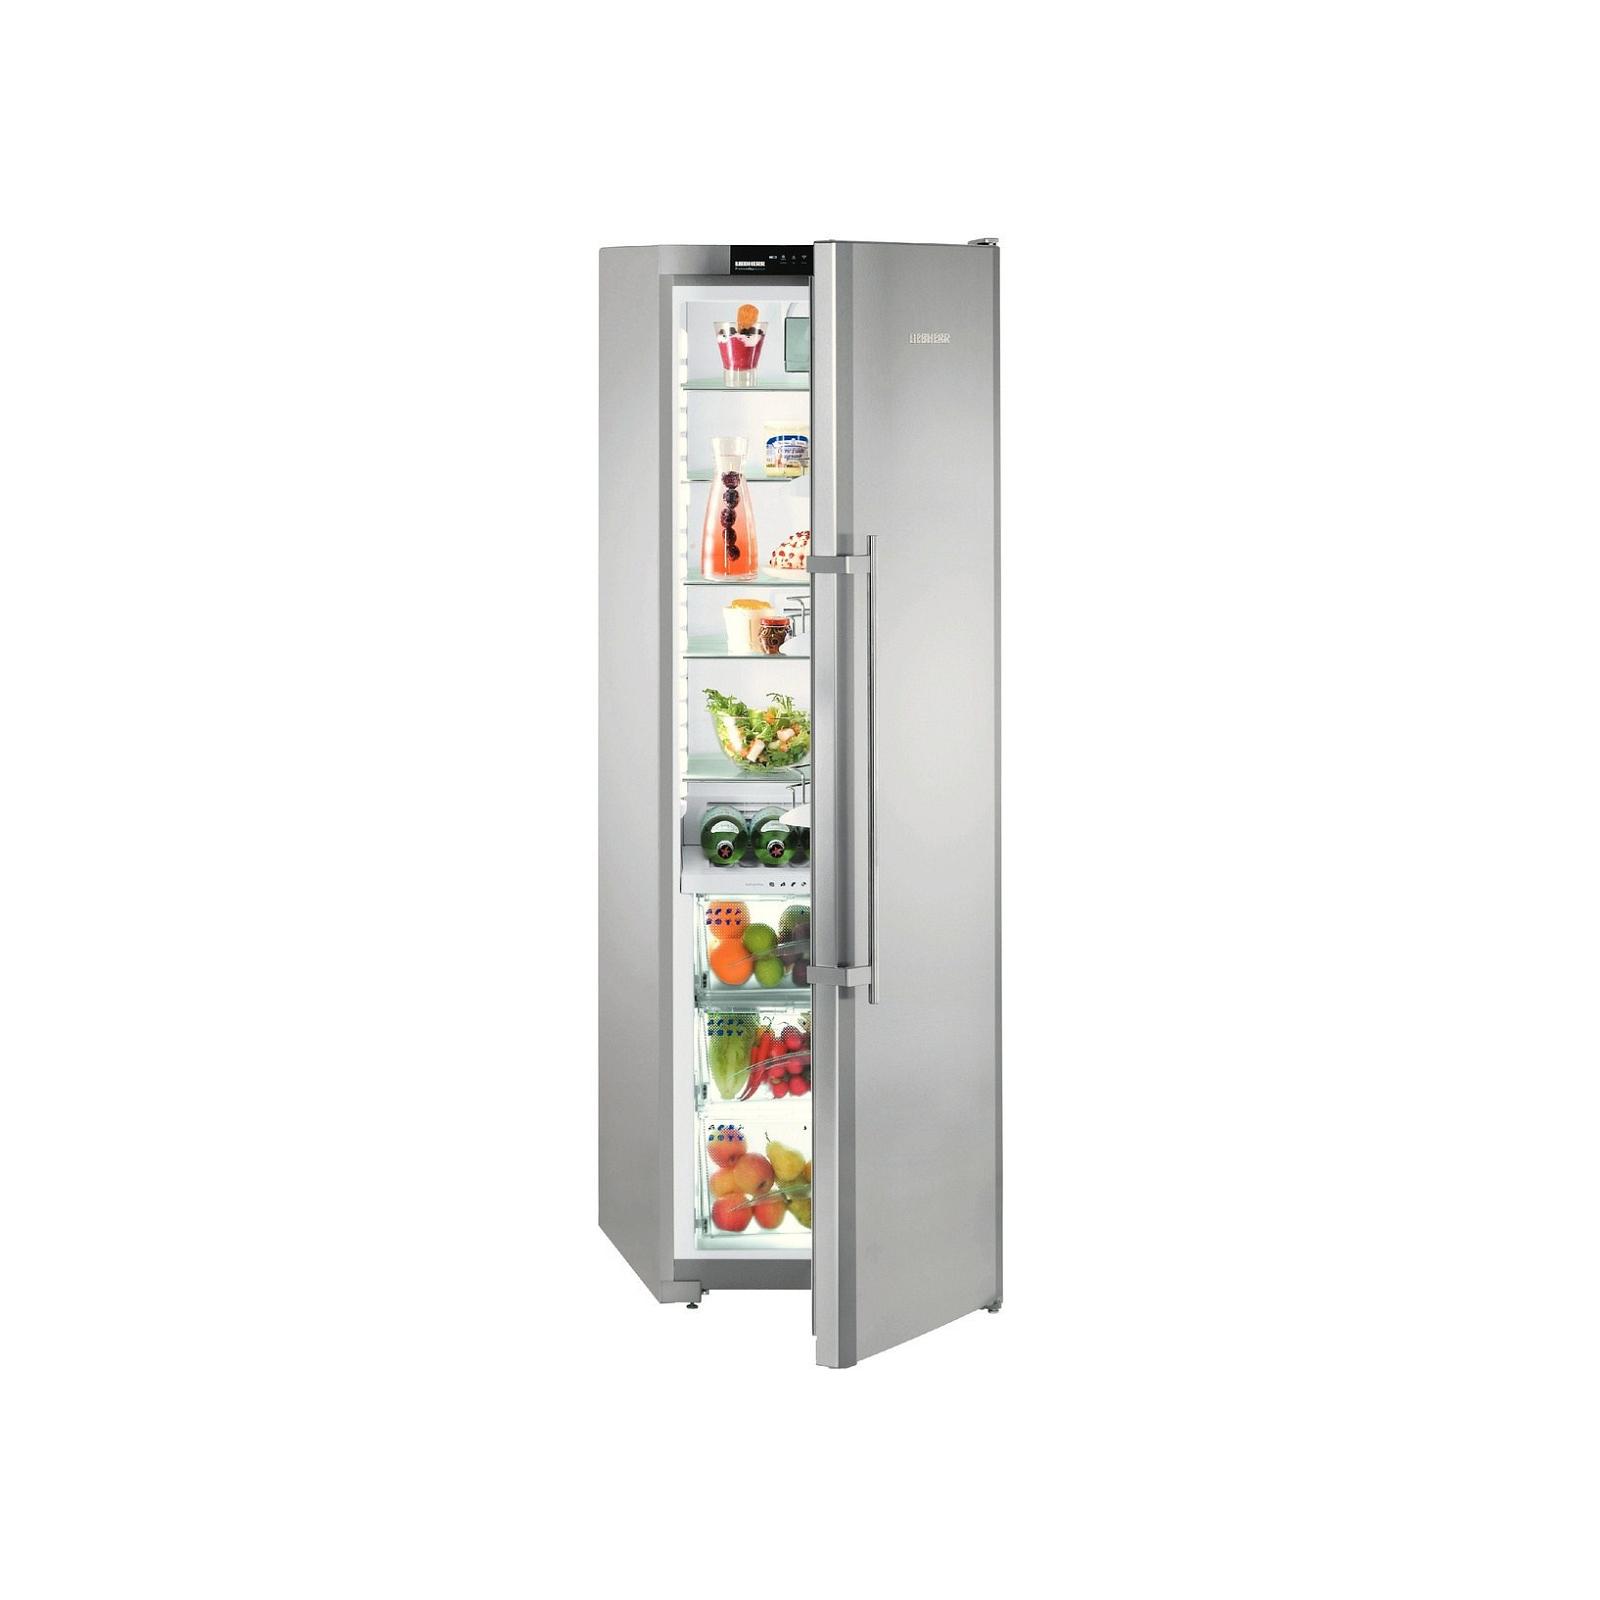 Холодильник Liebherr SKBes 4213 изображение 3